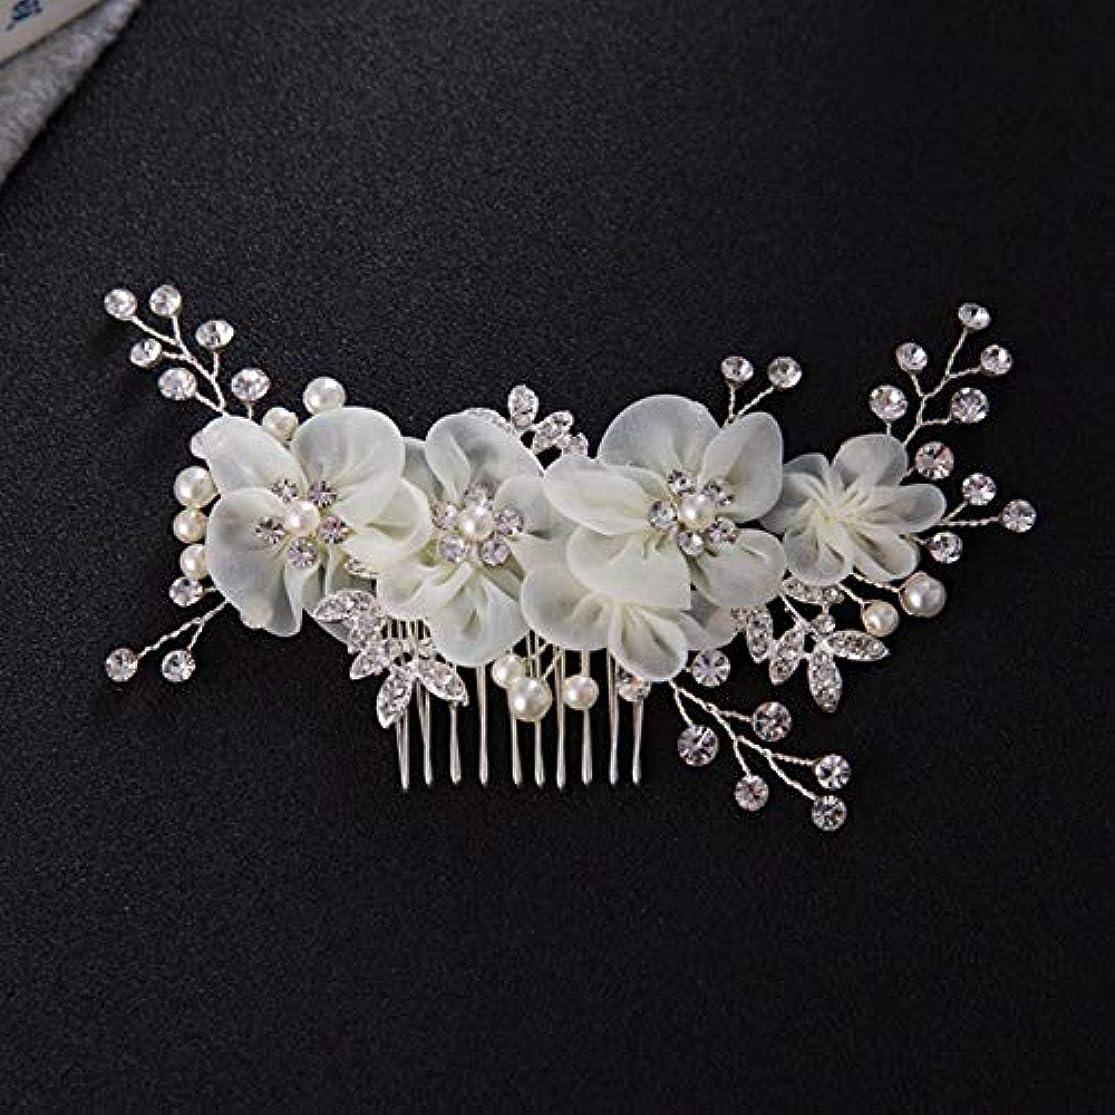 対角線マーチャンダイザーガイドWadachikis 耐久新しいファッションラグジュアリークリスタル結婚式ブライダルヘアクリップ(None white)